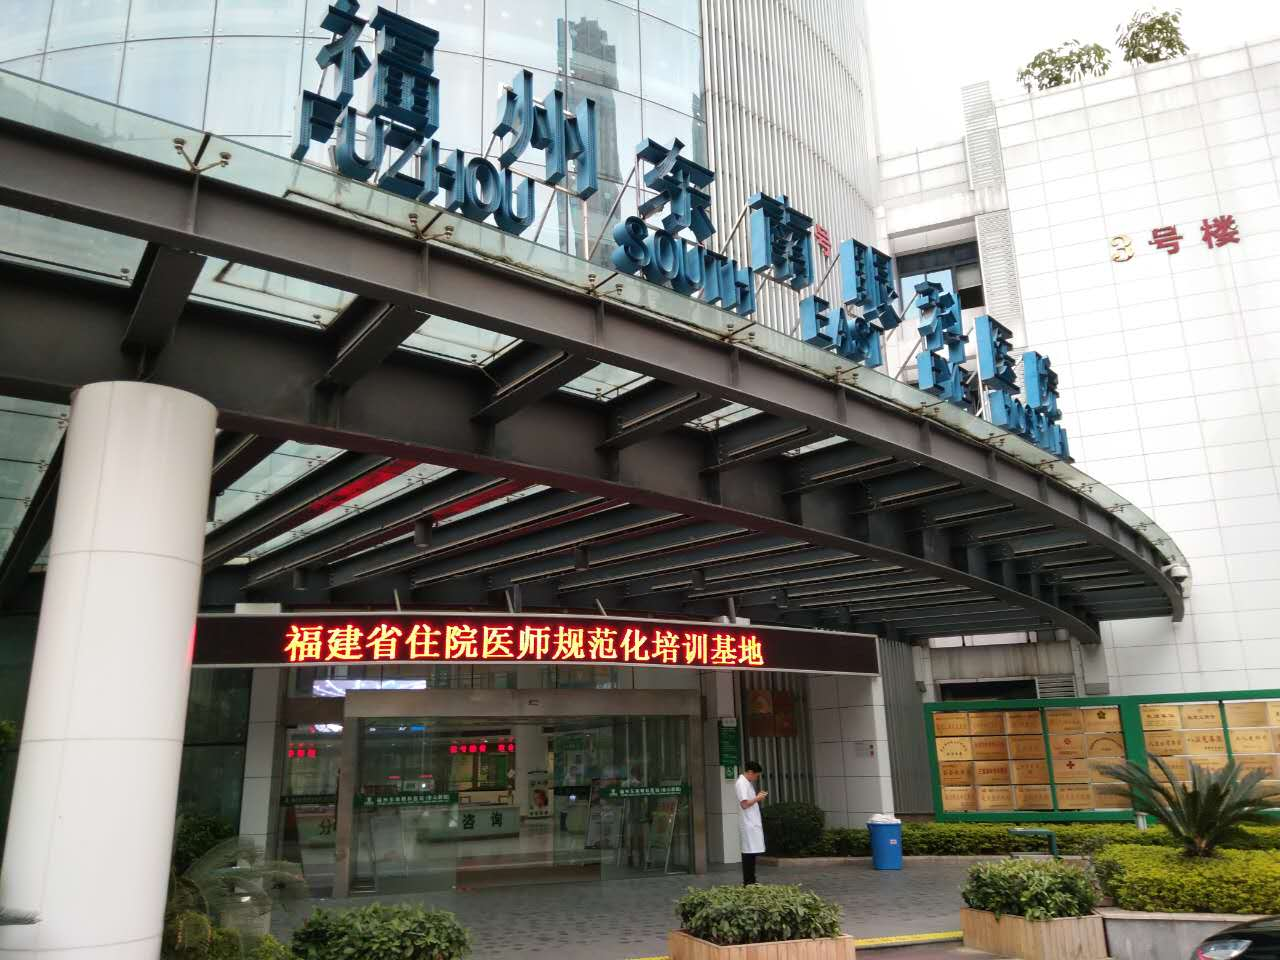 熱烈祝賀福州東南眼科醫院動物實驗培訓中心成功建立